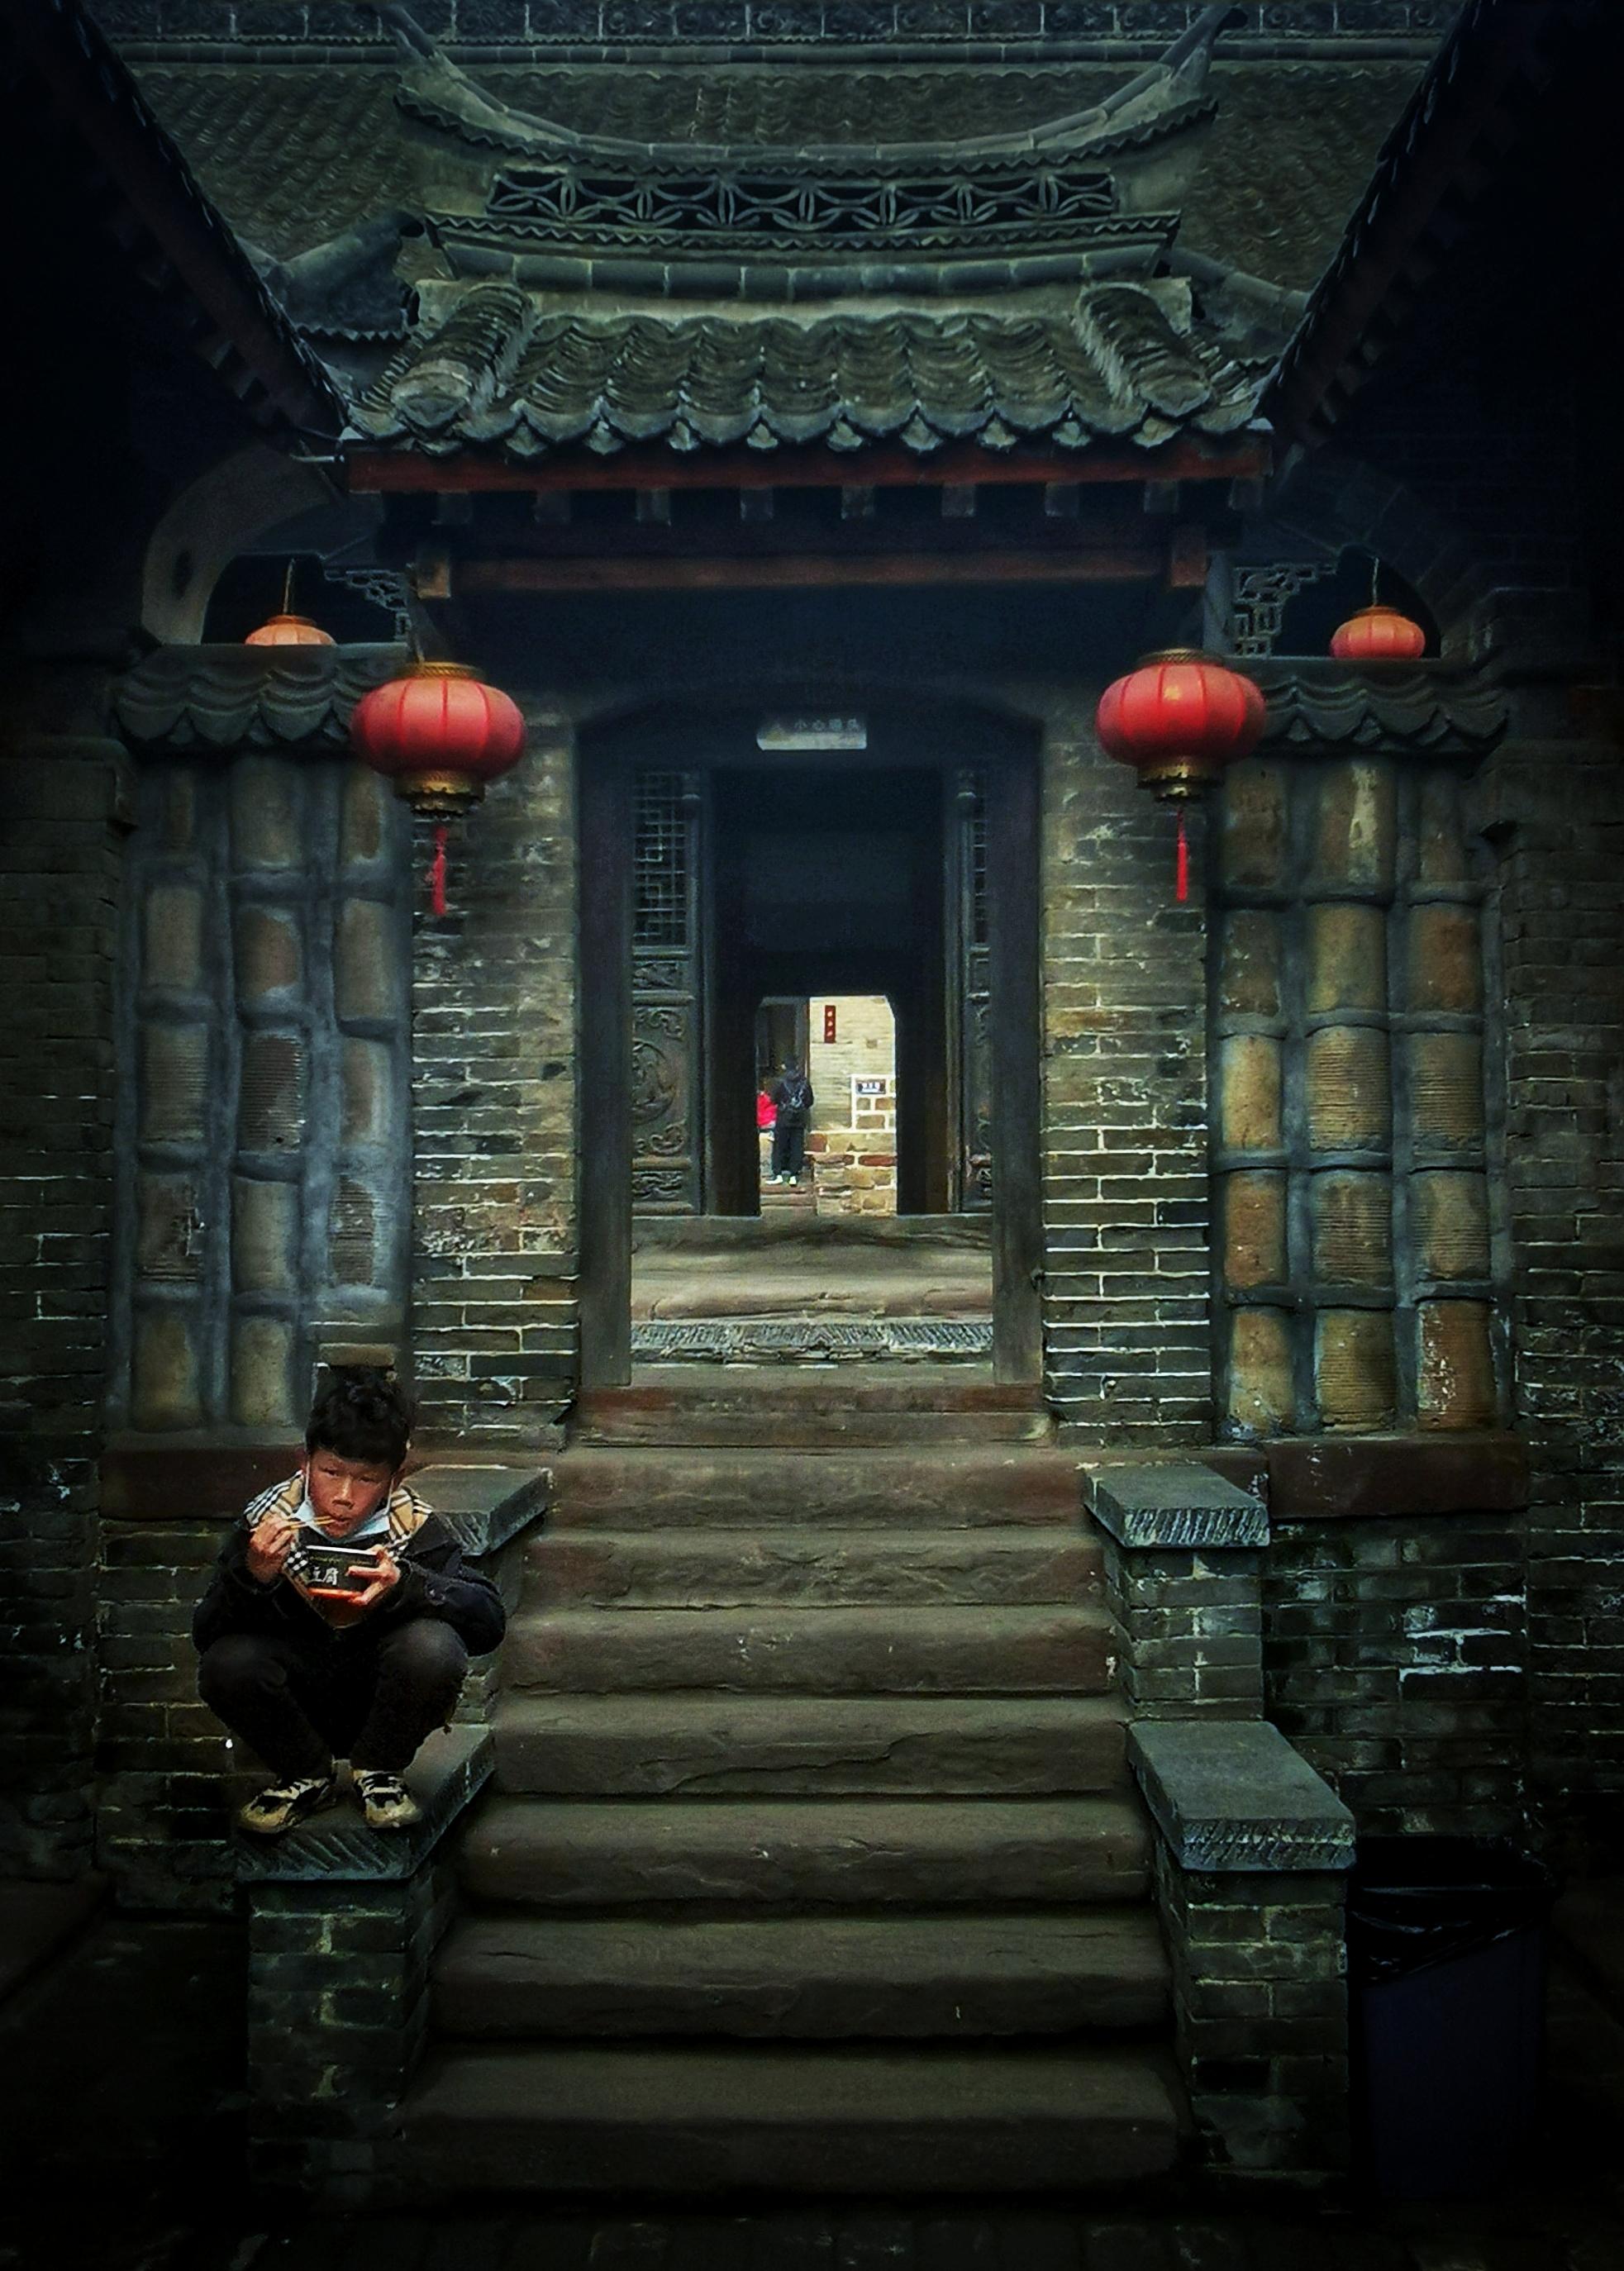 王冀宁 《老宅门前的男孩》 HUAWEI.jpg